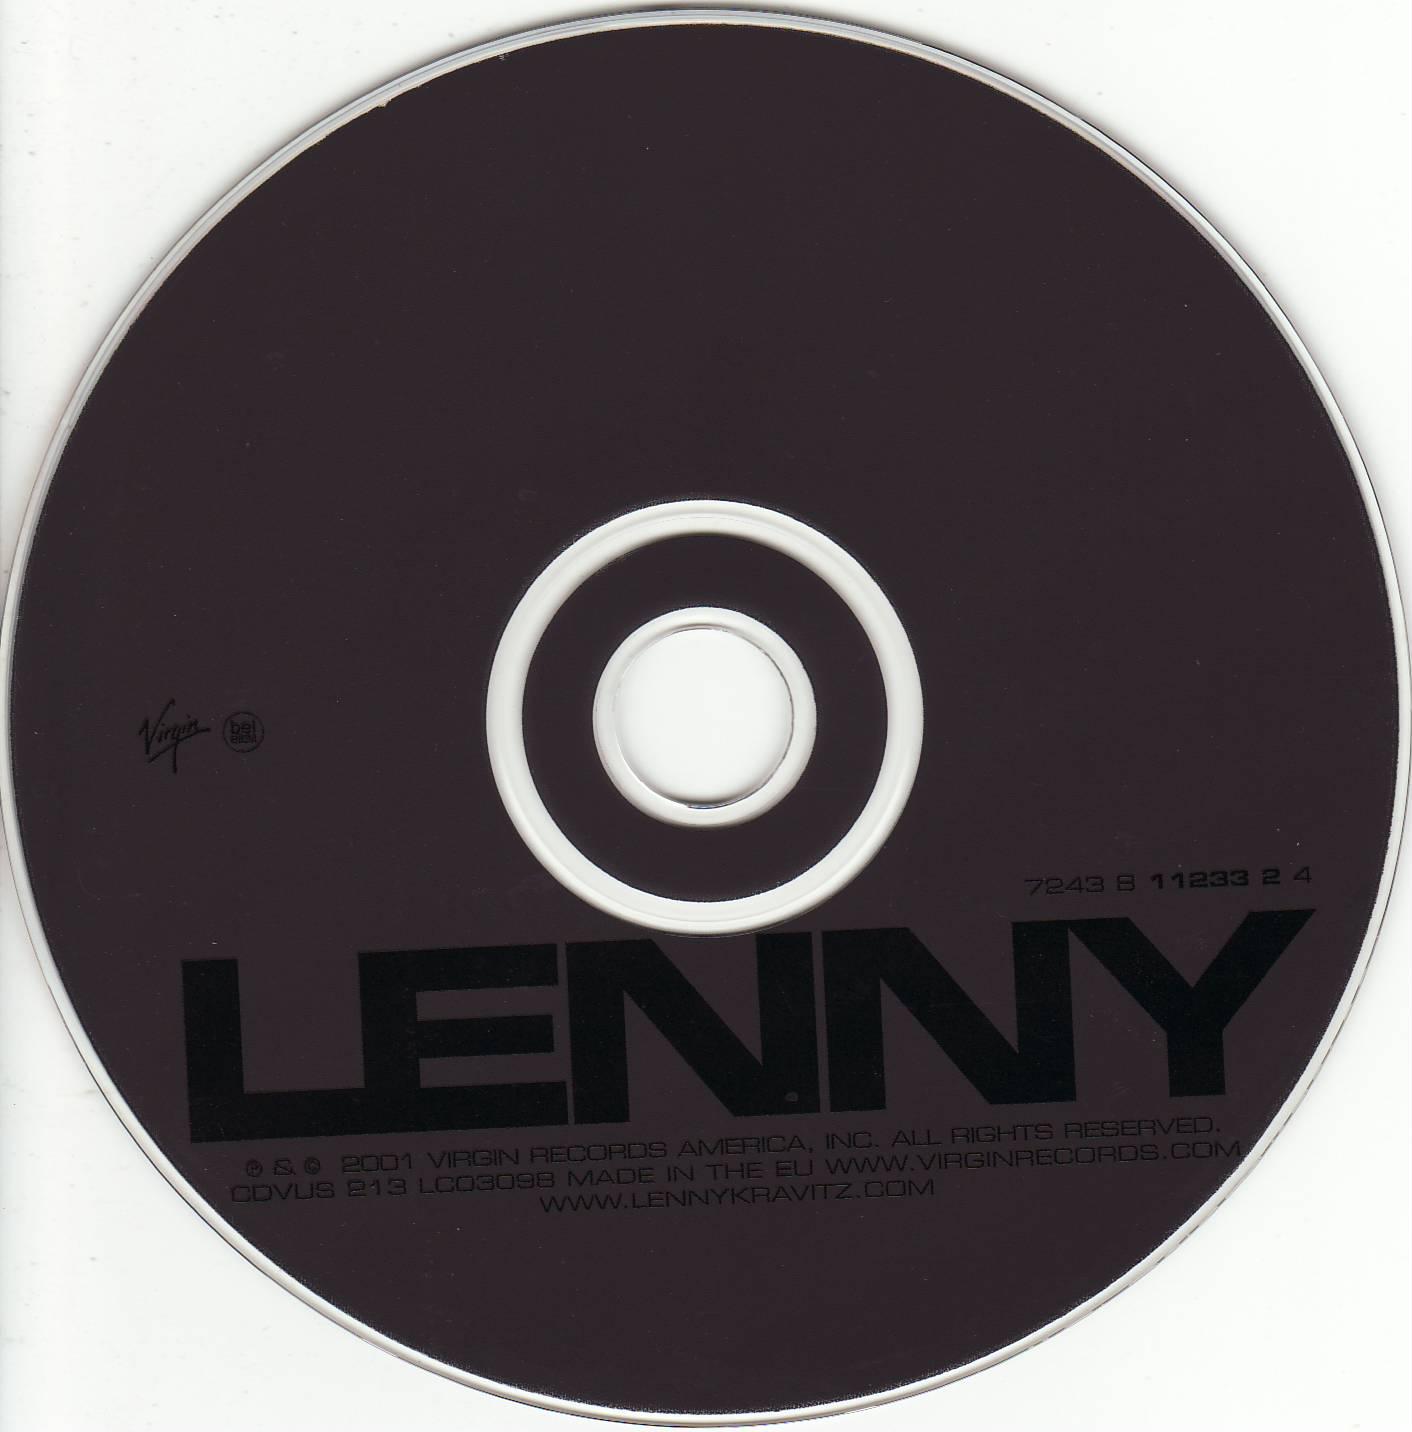 Lenny Kravitz - Lenny (2001)